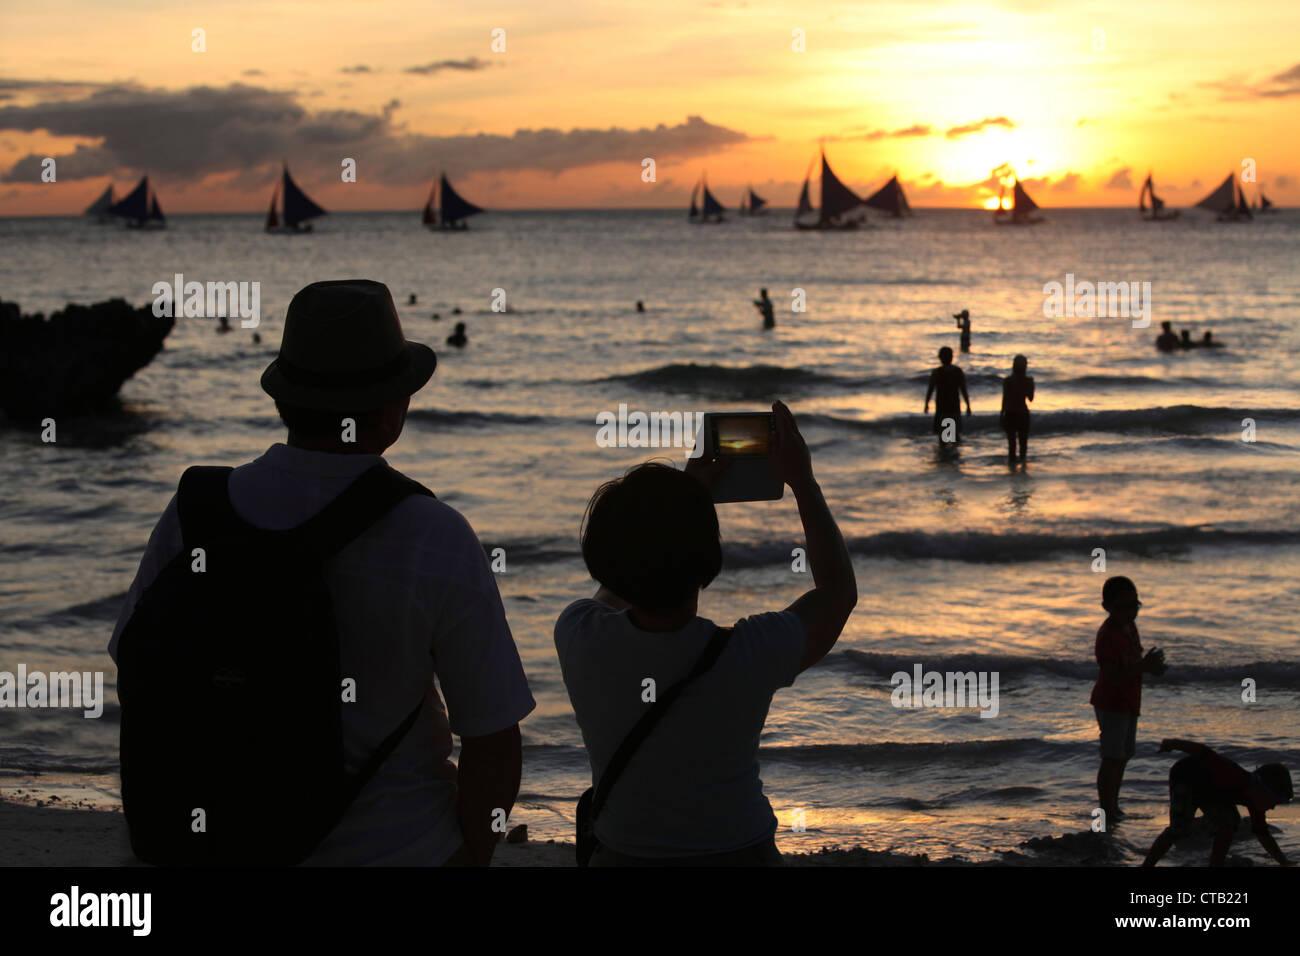 Dos turistas haciendo fotos al atardecer, Boracay, Isla de Panay, Visayas, Filipinas Imagen De Stock